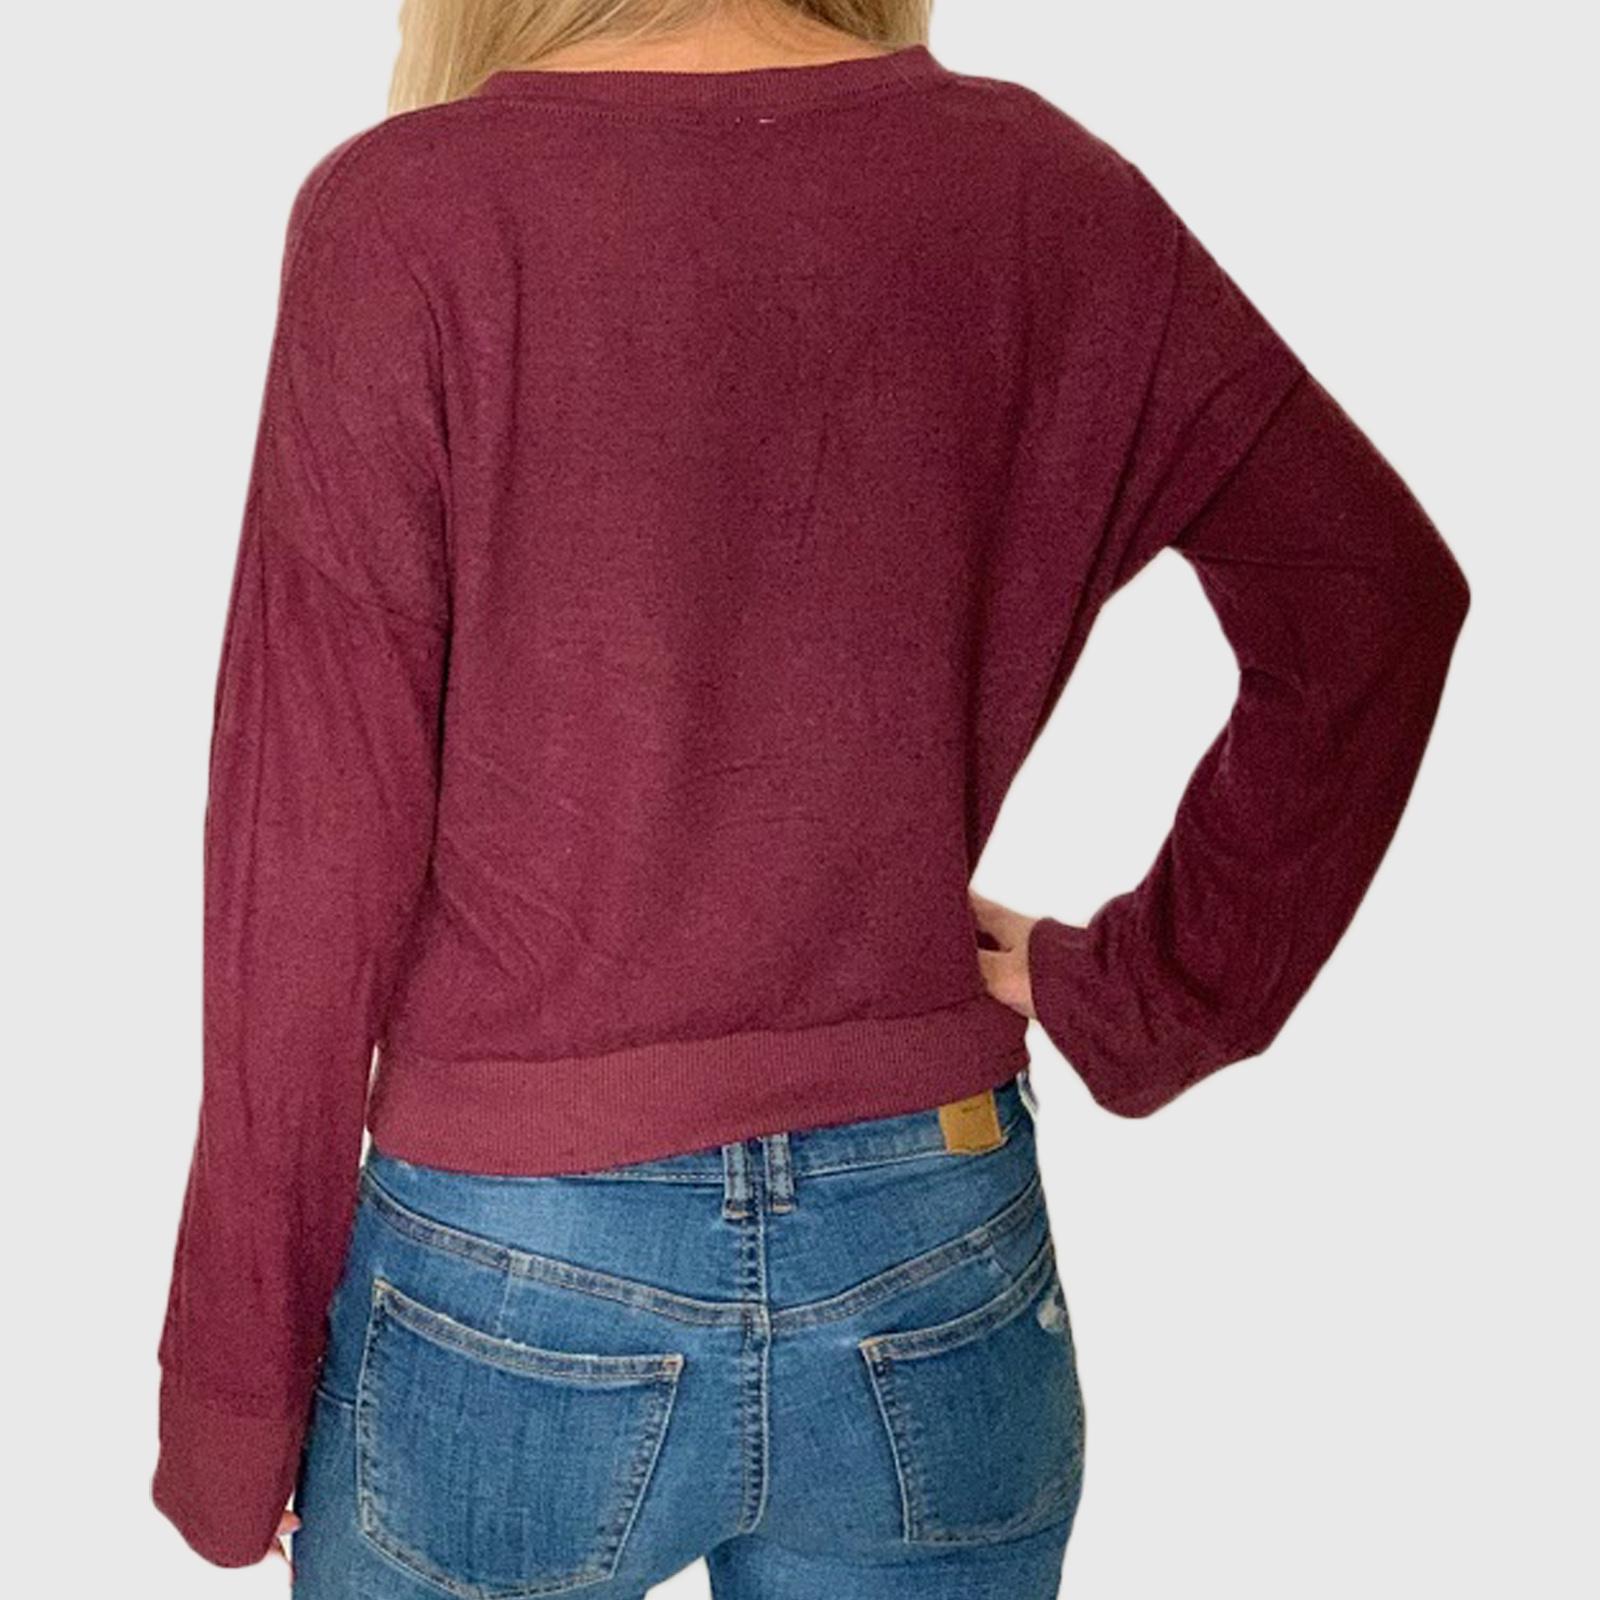 Женская молодежная кофта с удлиненными рукавами